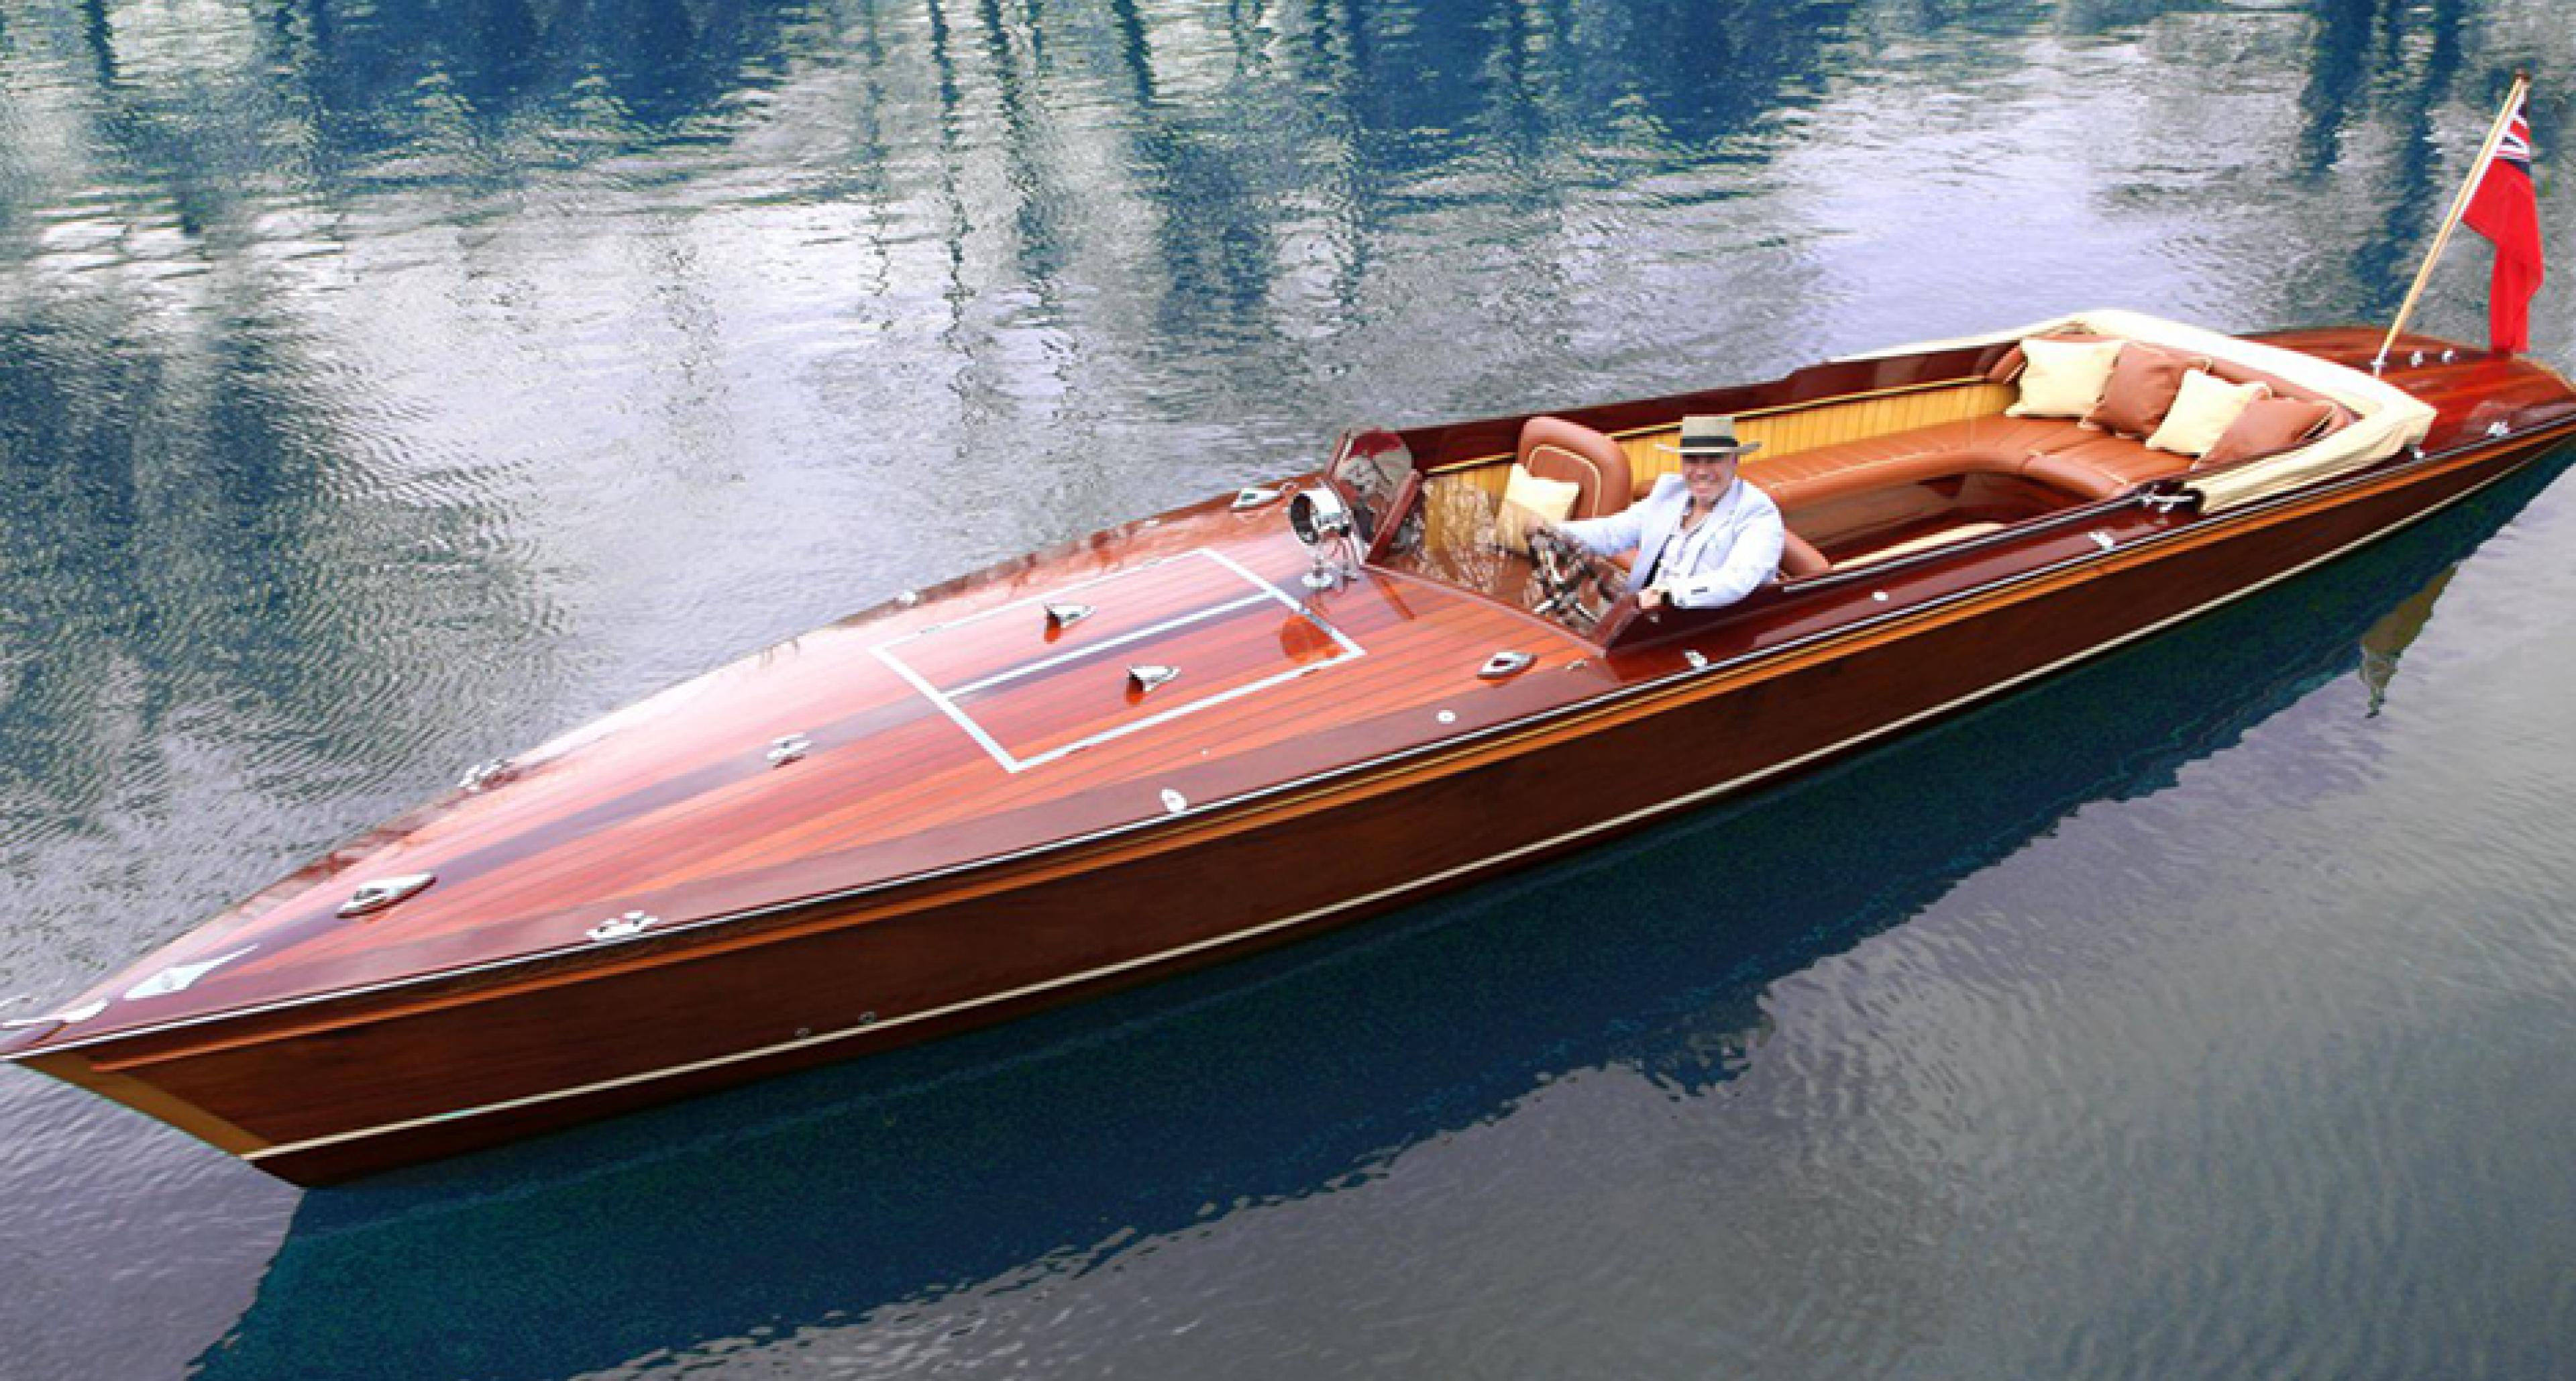 What Happens When You Let Mclaren S Designer Build A Boat Classic